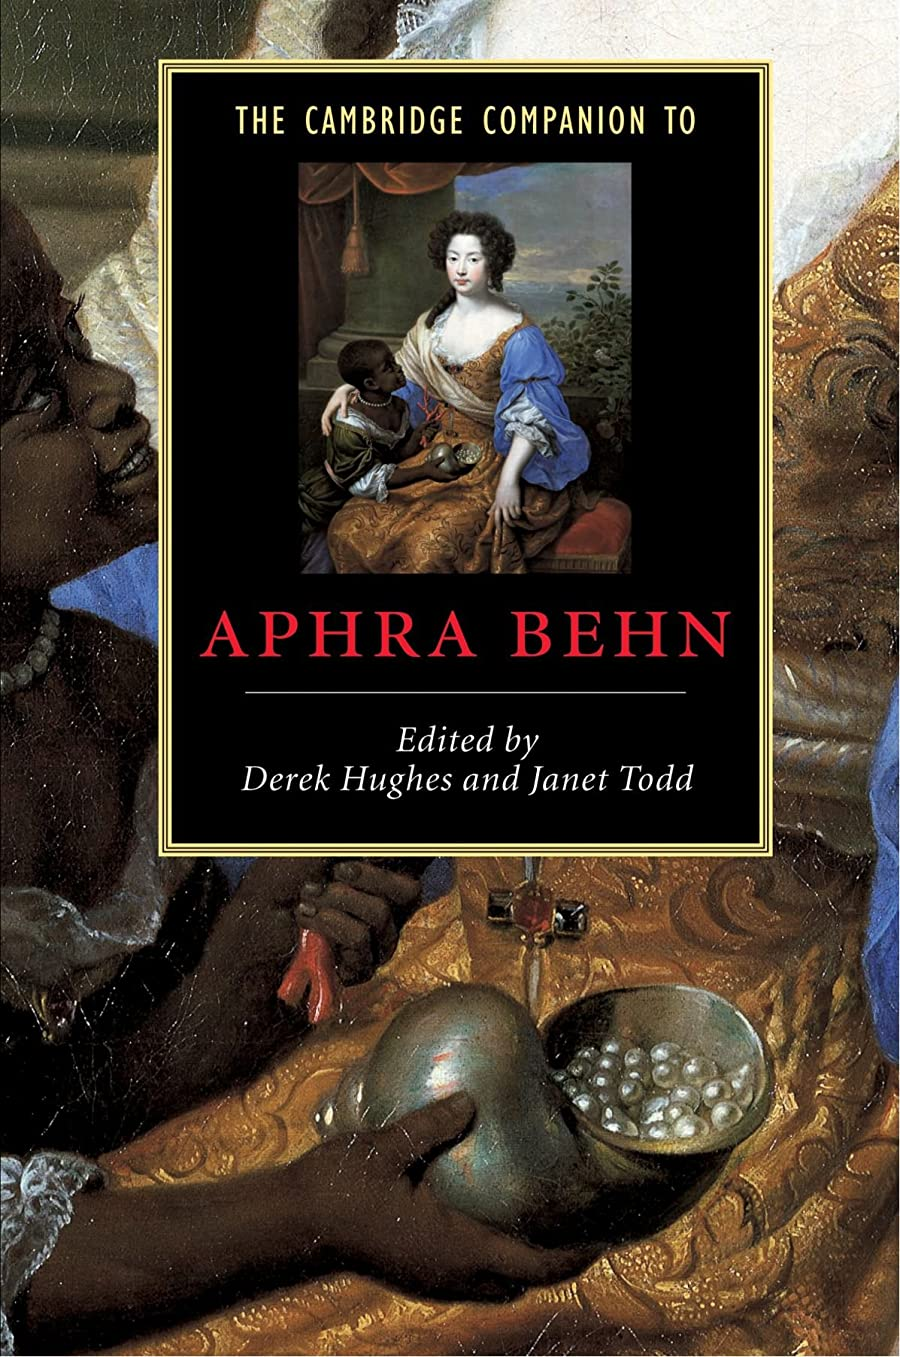 首謀者レタス浮浪者The Cambridge Companion to Aphra Behn (Cambridge Companions to Literature)